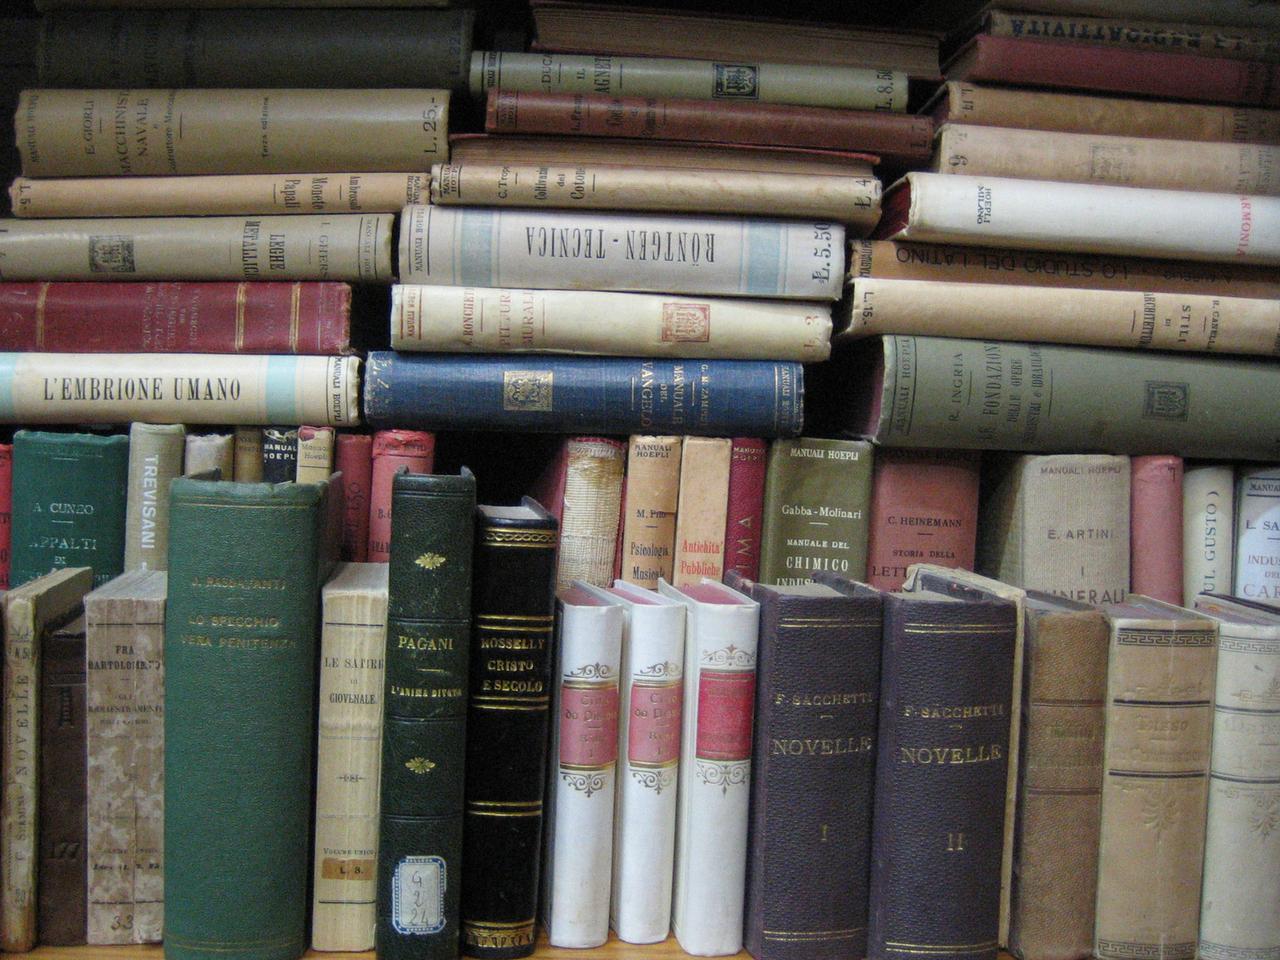 Los libros son para intelectuales. Las series no.